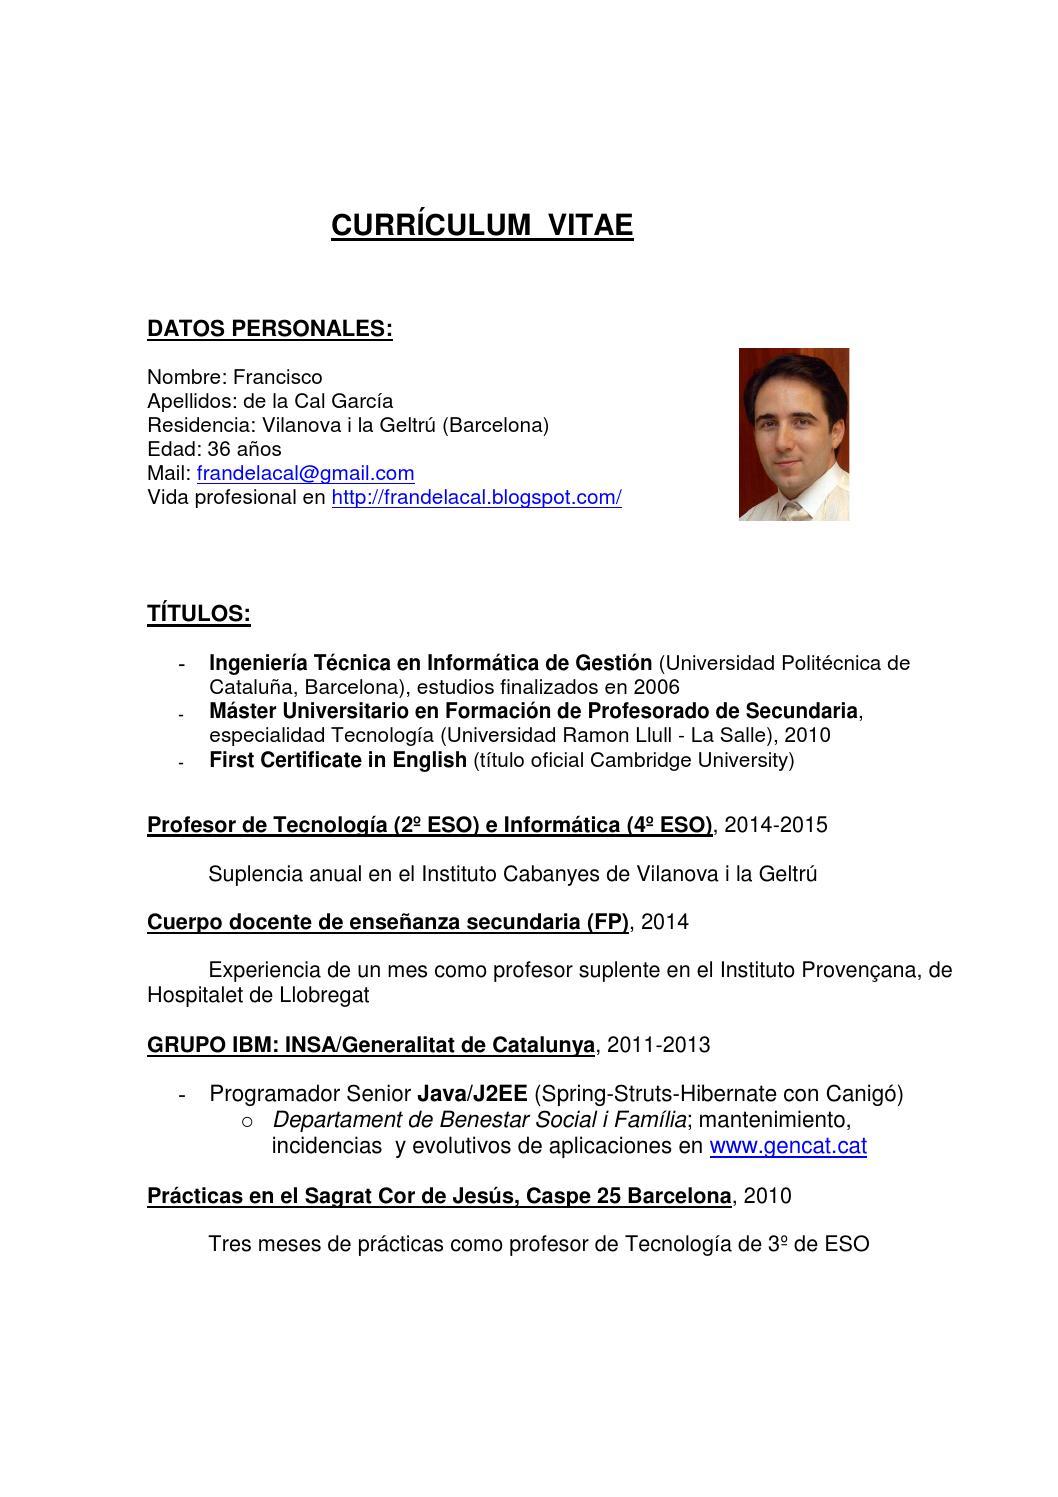 Curriculum vitae profesor fran de la cal by Francisco de la Cal - issuu